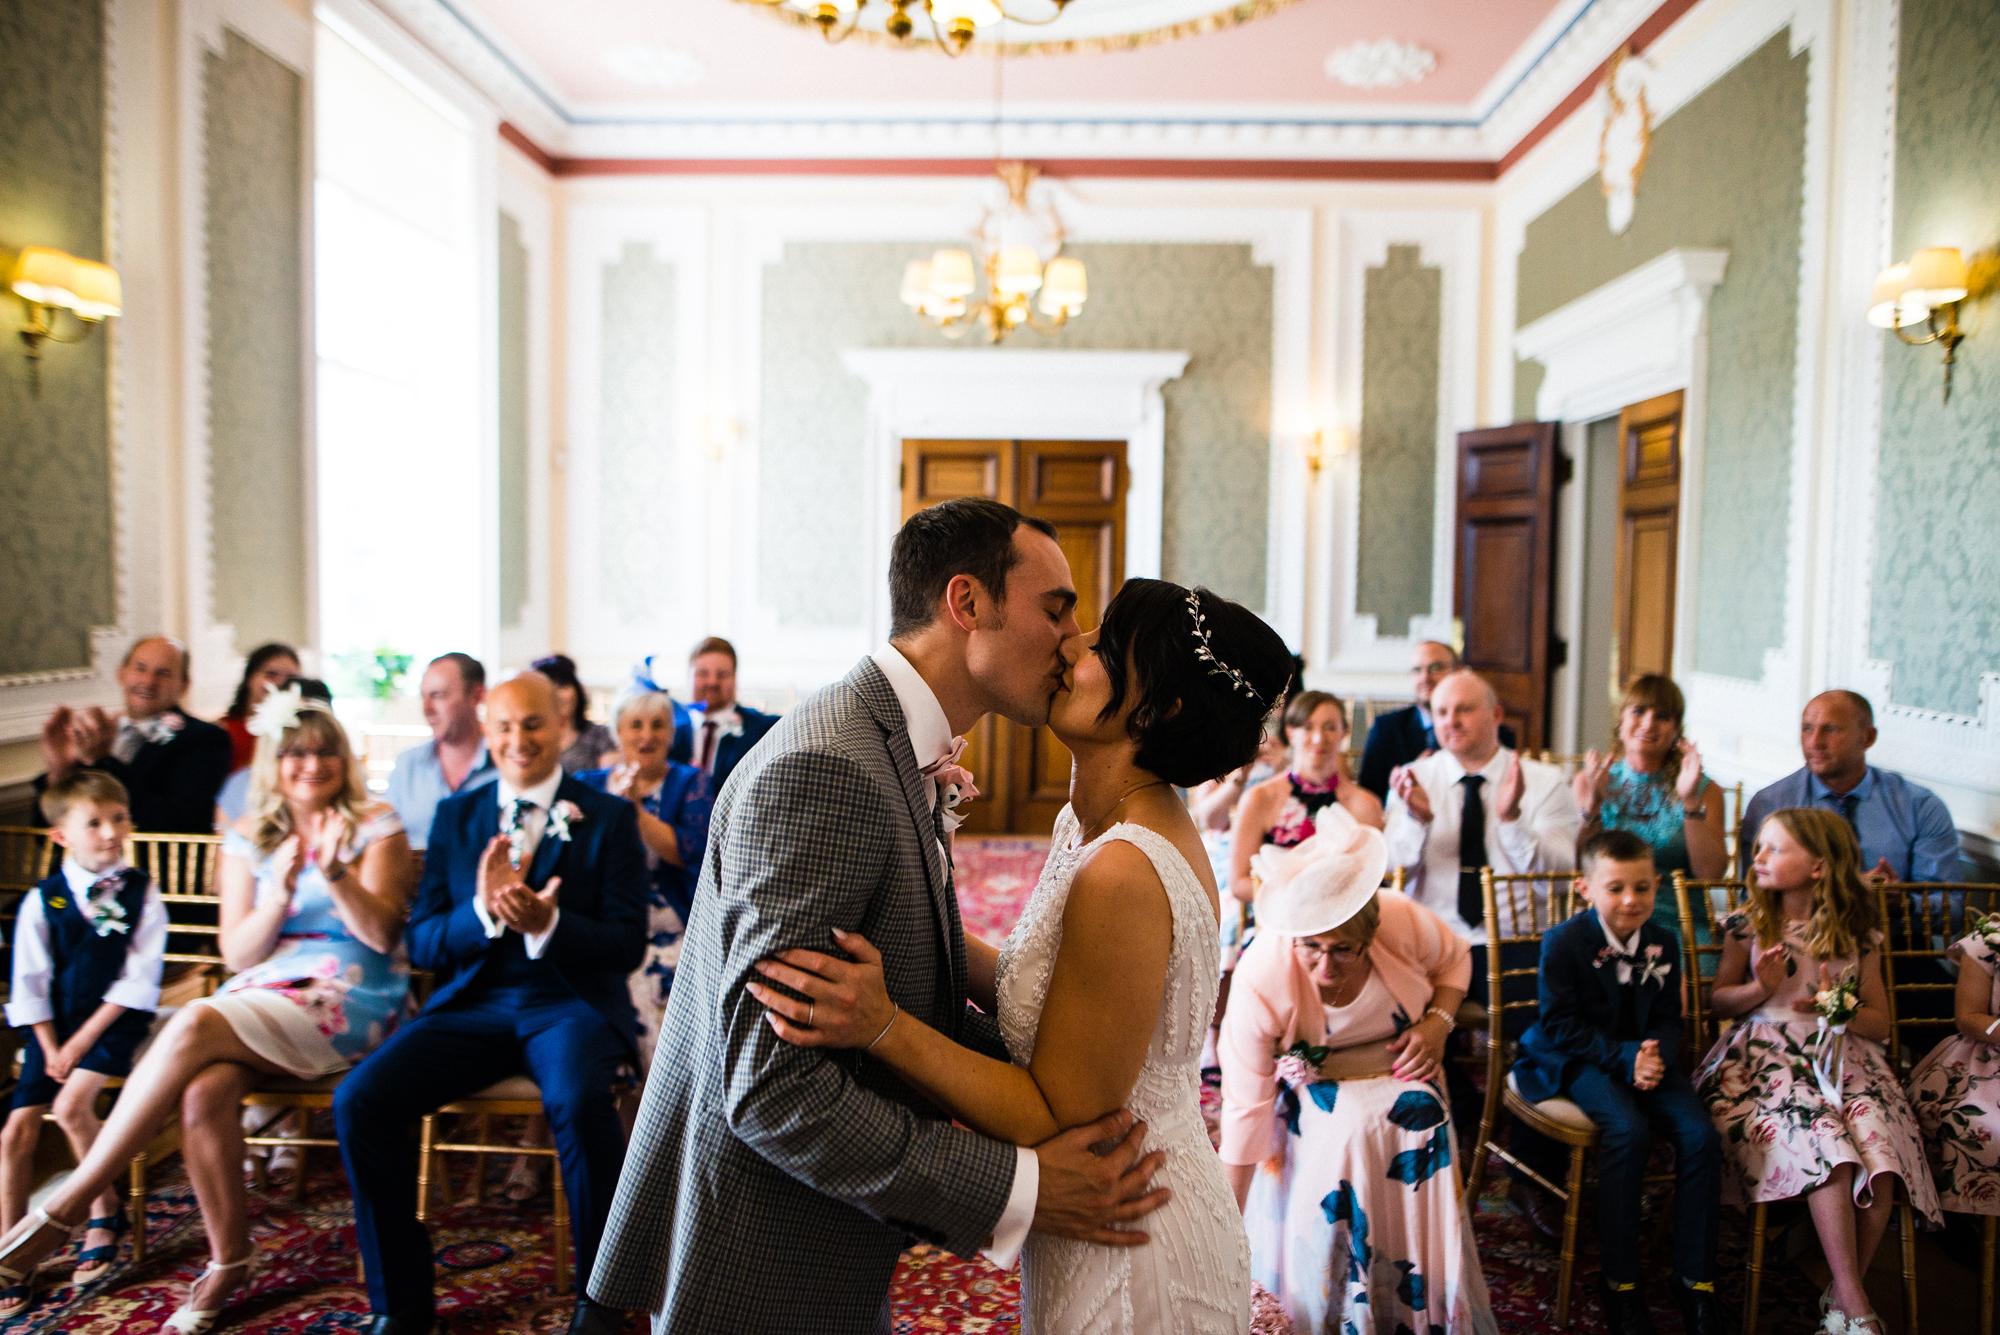 Crewe wedding photography11.jpg